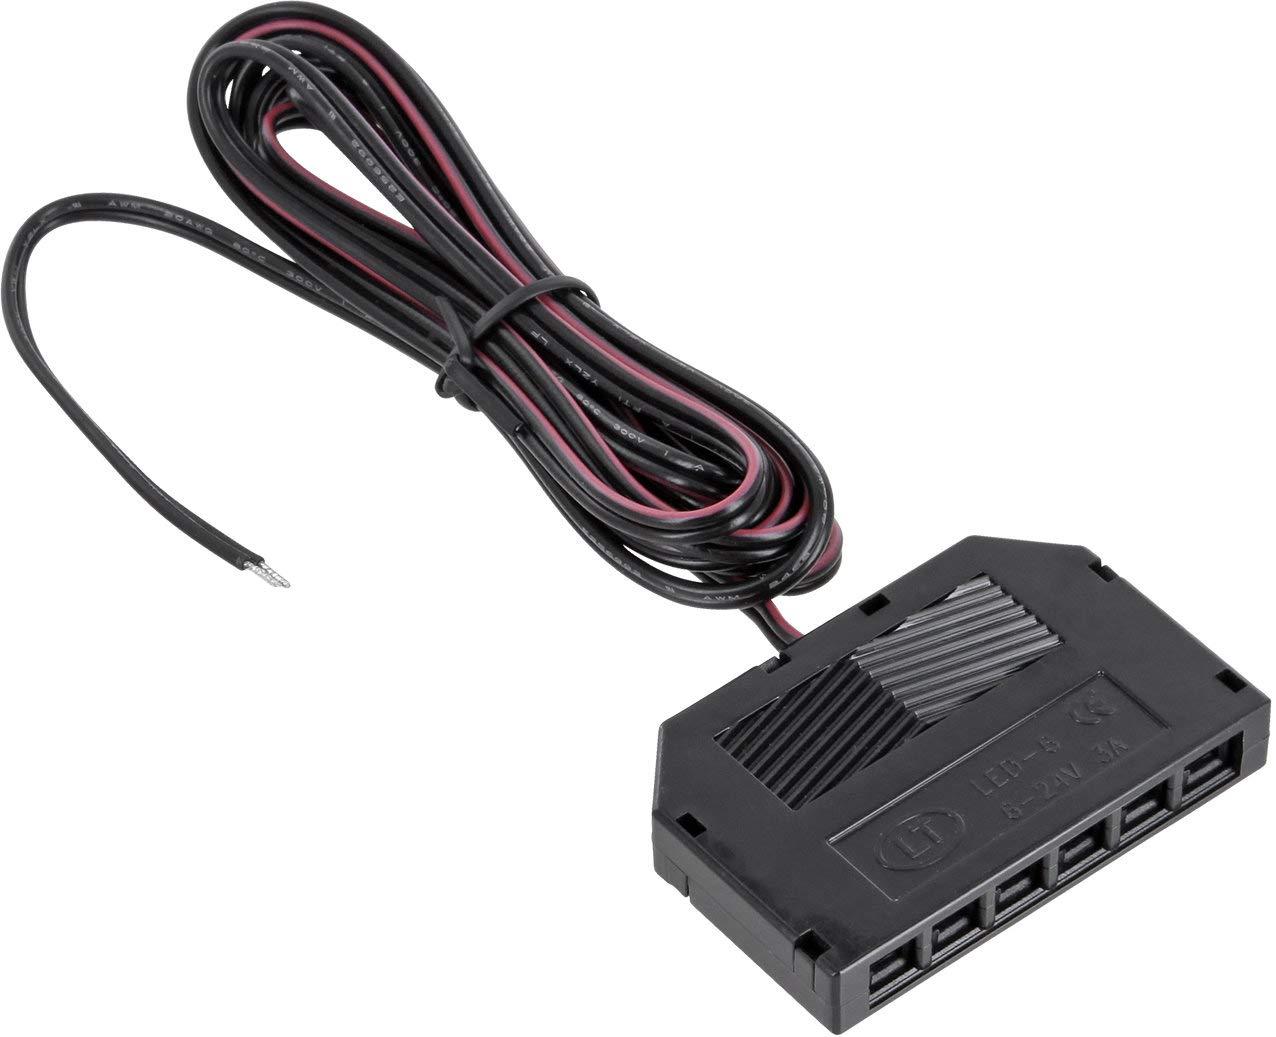 Plafoniera Led 12v : Verteiler mini amp buchse 6 fach mit 2m verbindungs kabel für 12v